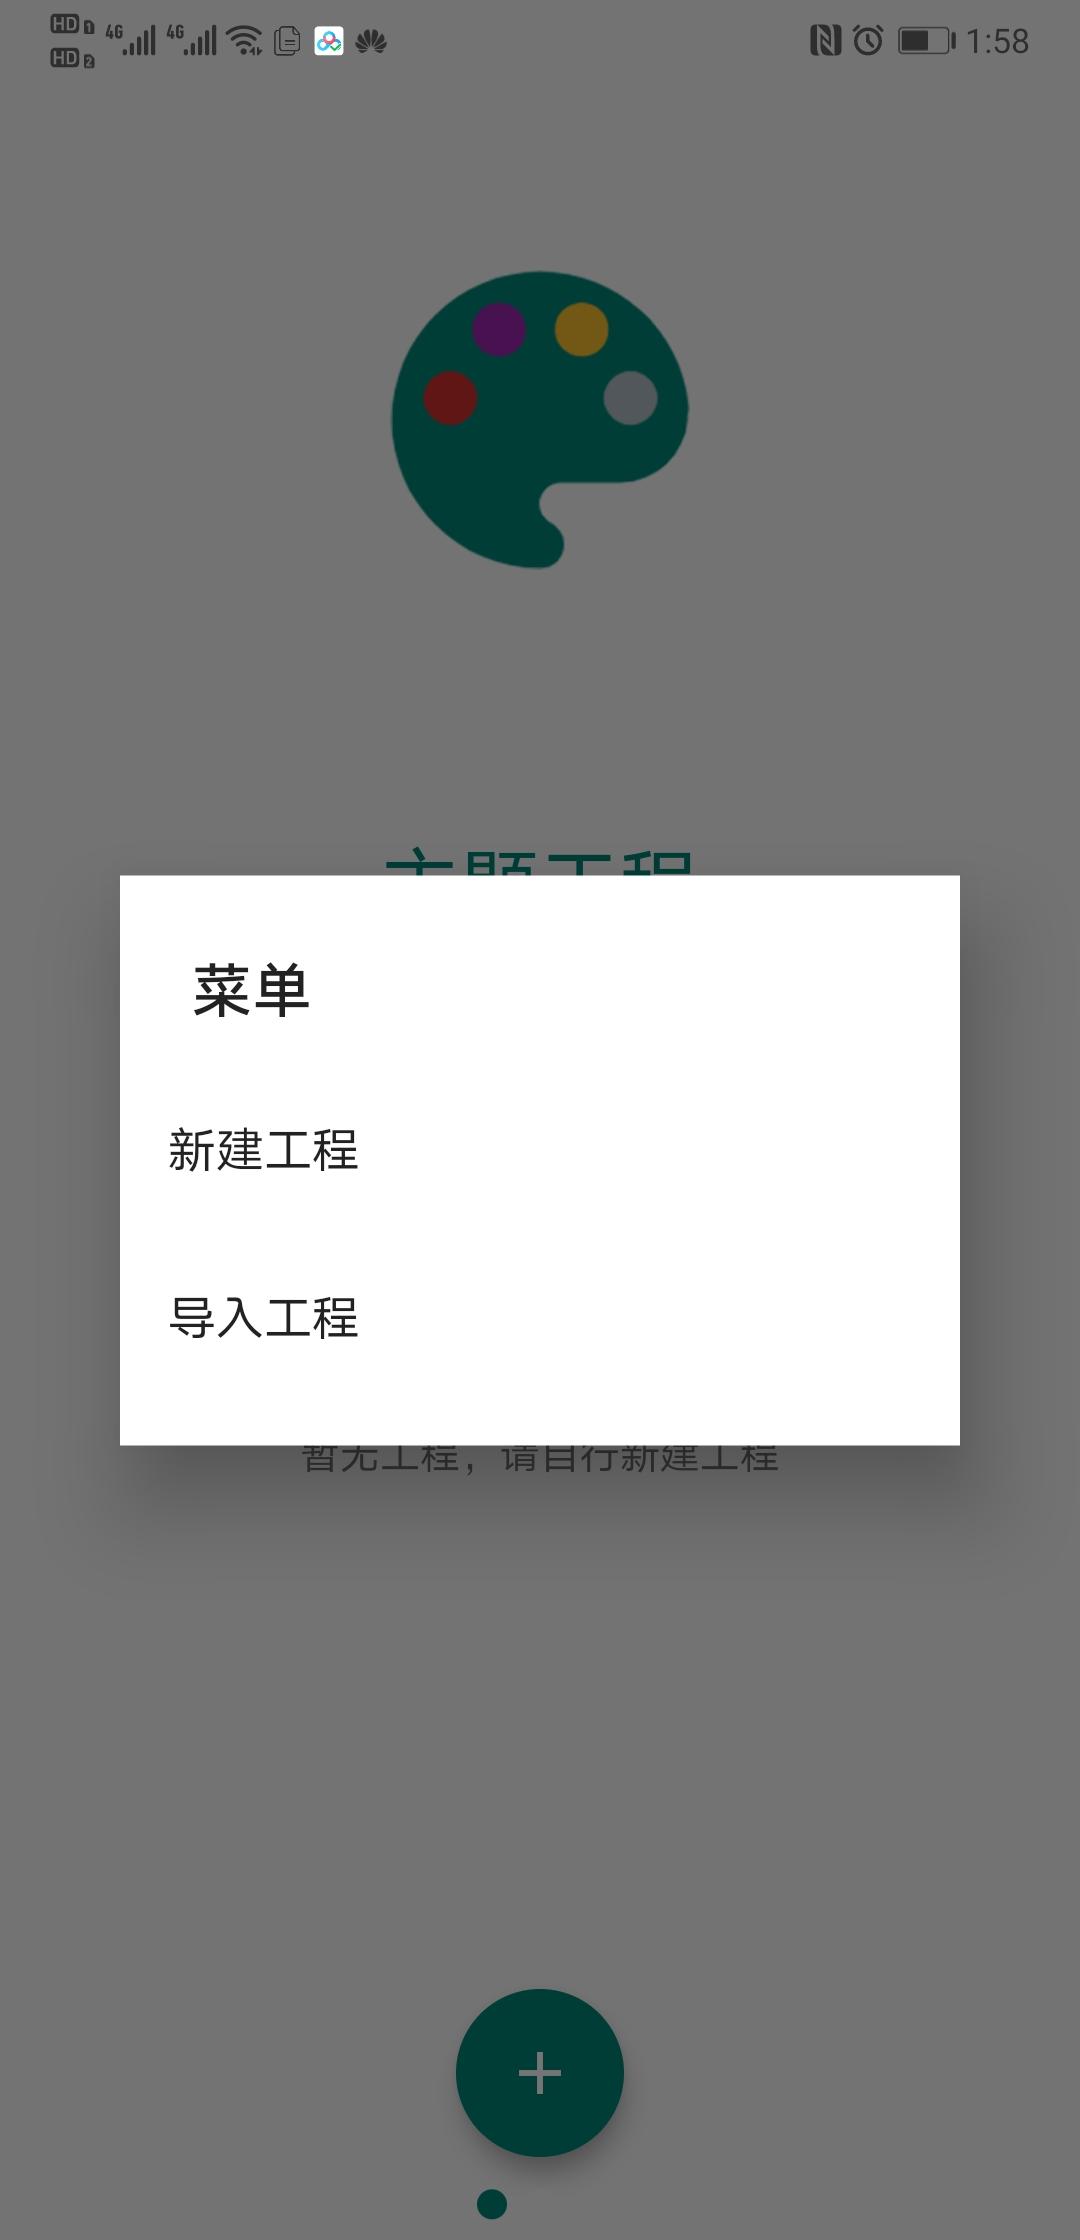 【考核】华为主题编辑工具